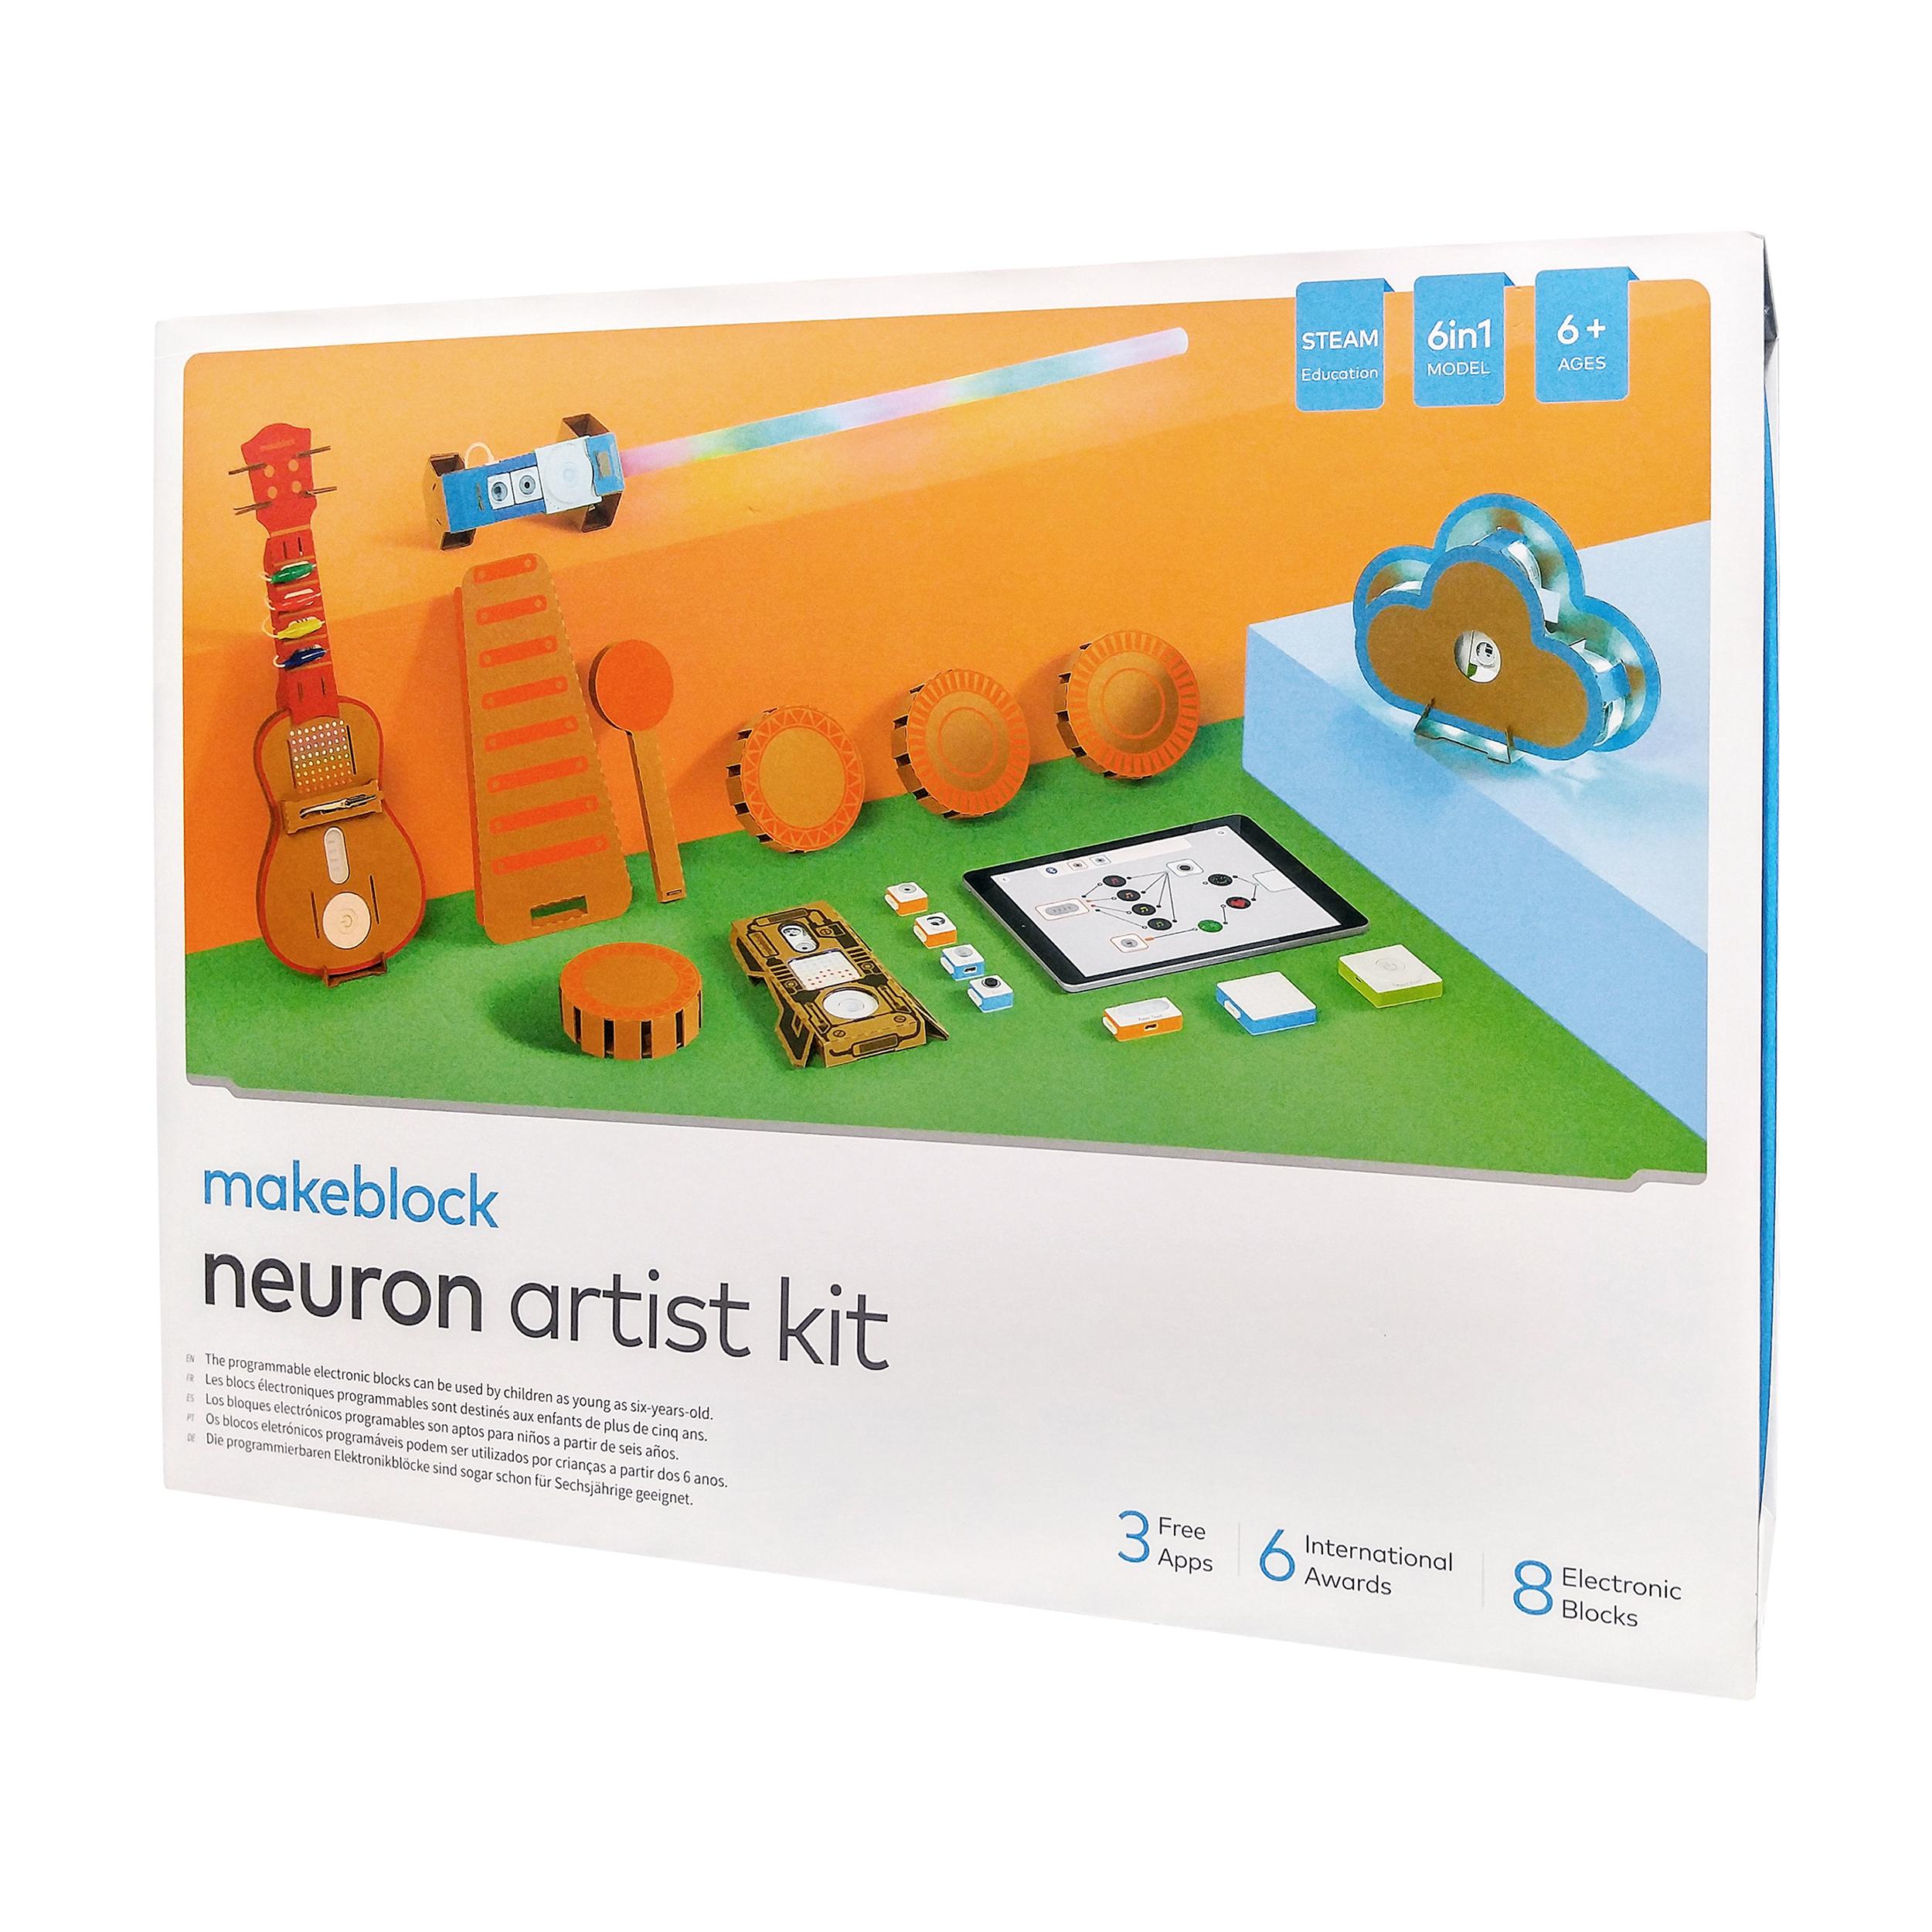 بسته رباتیک میک بلاک مدل نیورون آرتیست